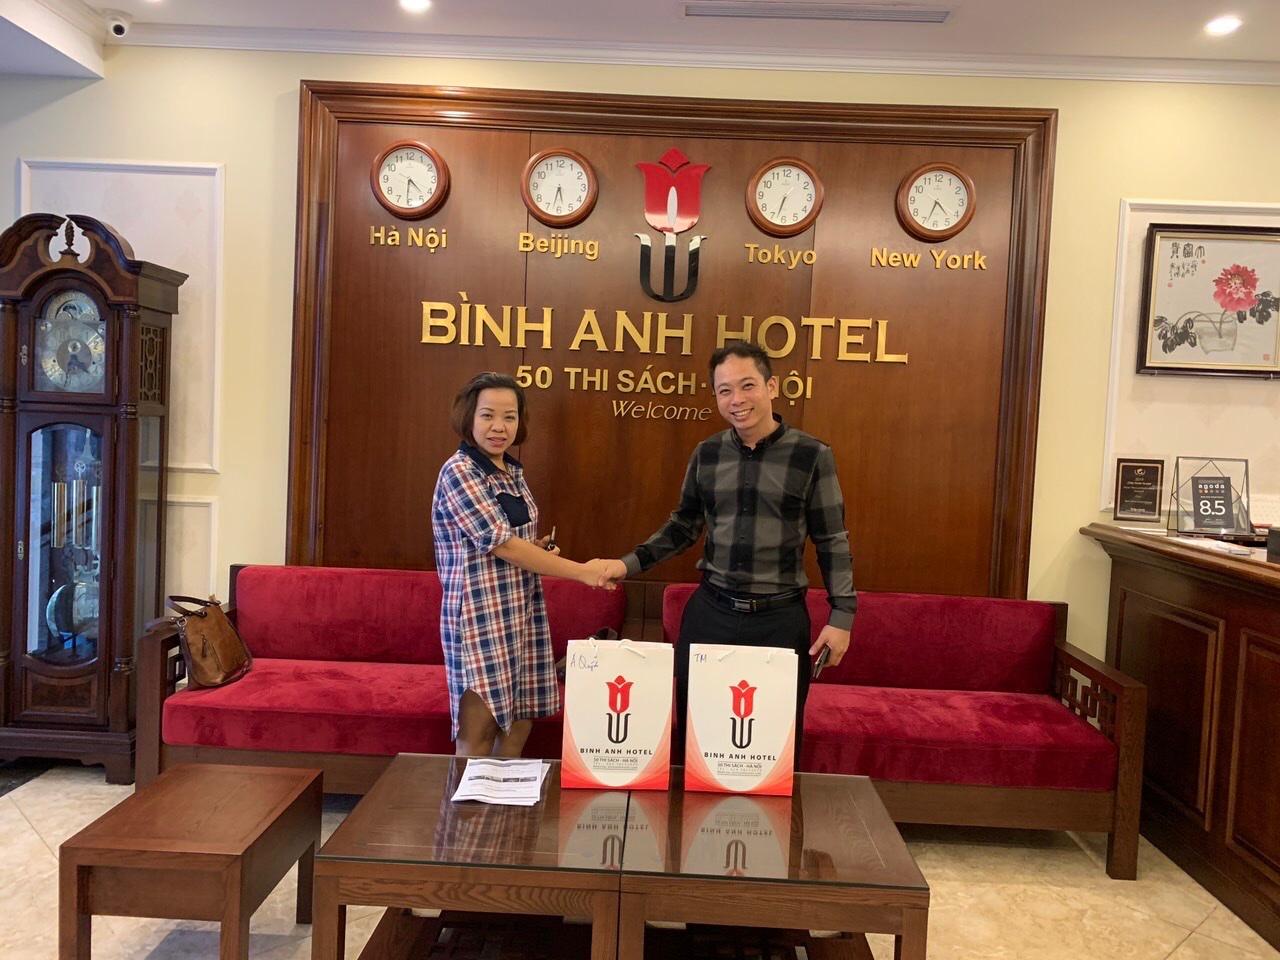 <p>Chủ tịch hiệp hội du lịch cộng đồng Việt Nam, VCTC và thành viên rất hài lòng khi đến khảo sát Bình Anh Hotel, thuận tiện giao thông, sạch đẹp giá hợp lý!</p>